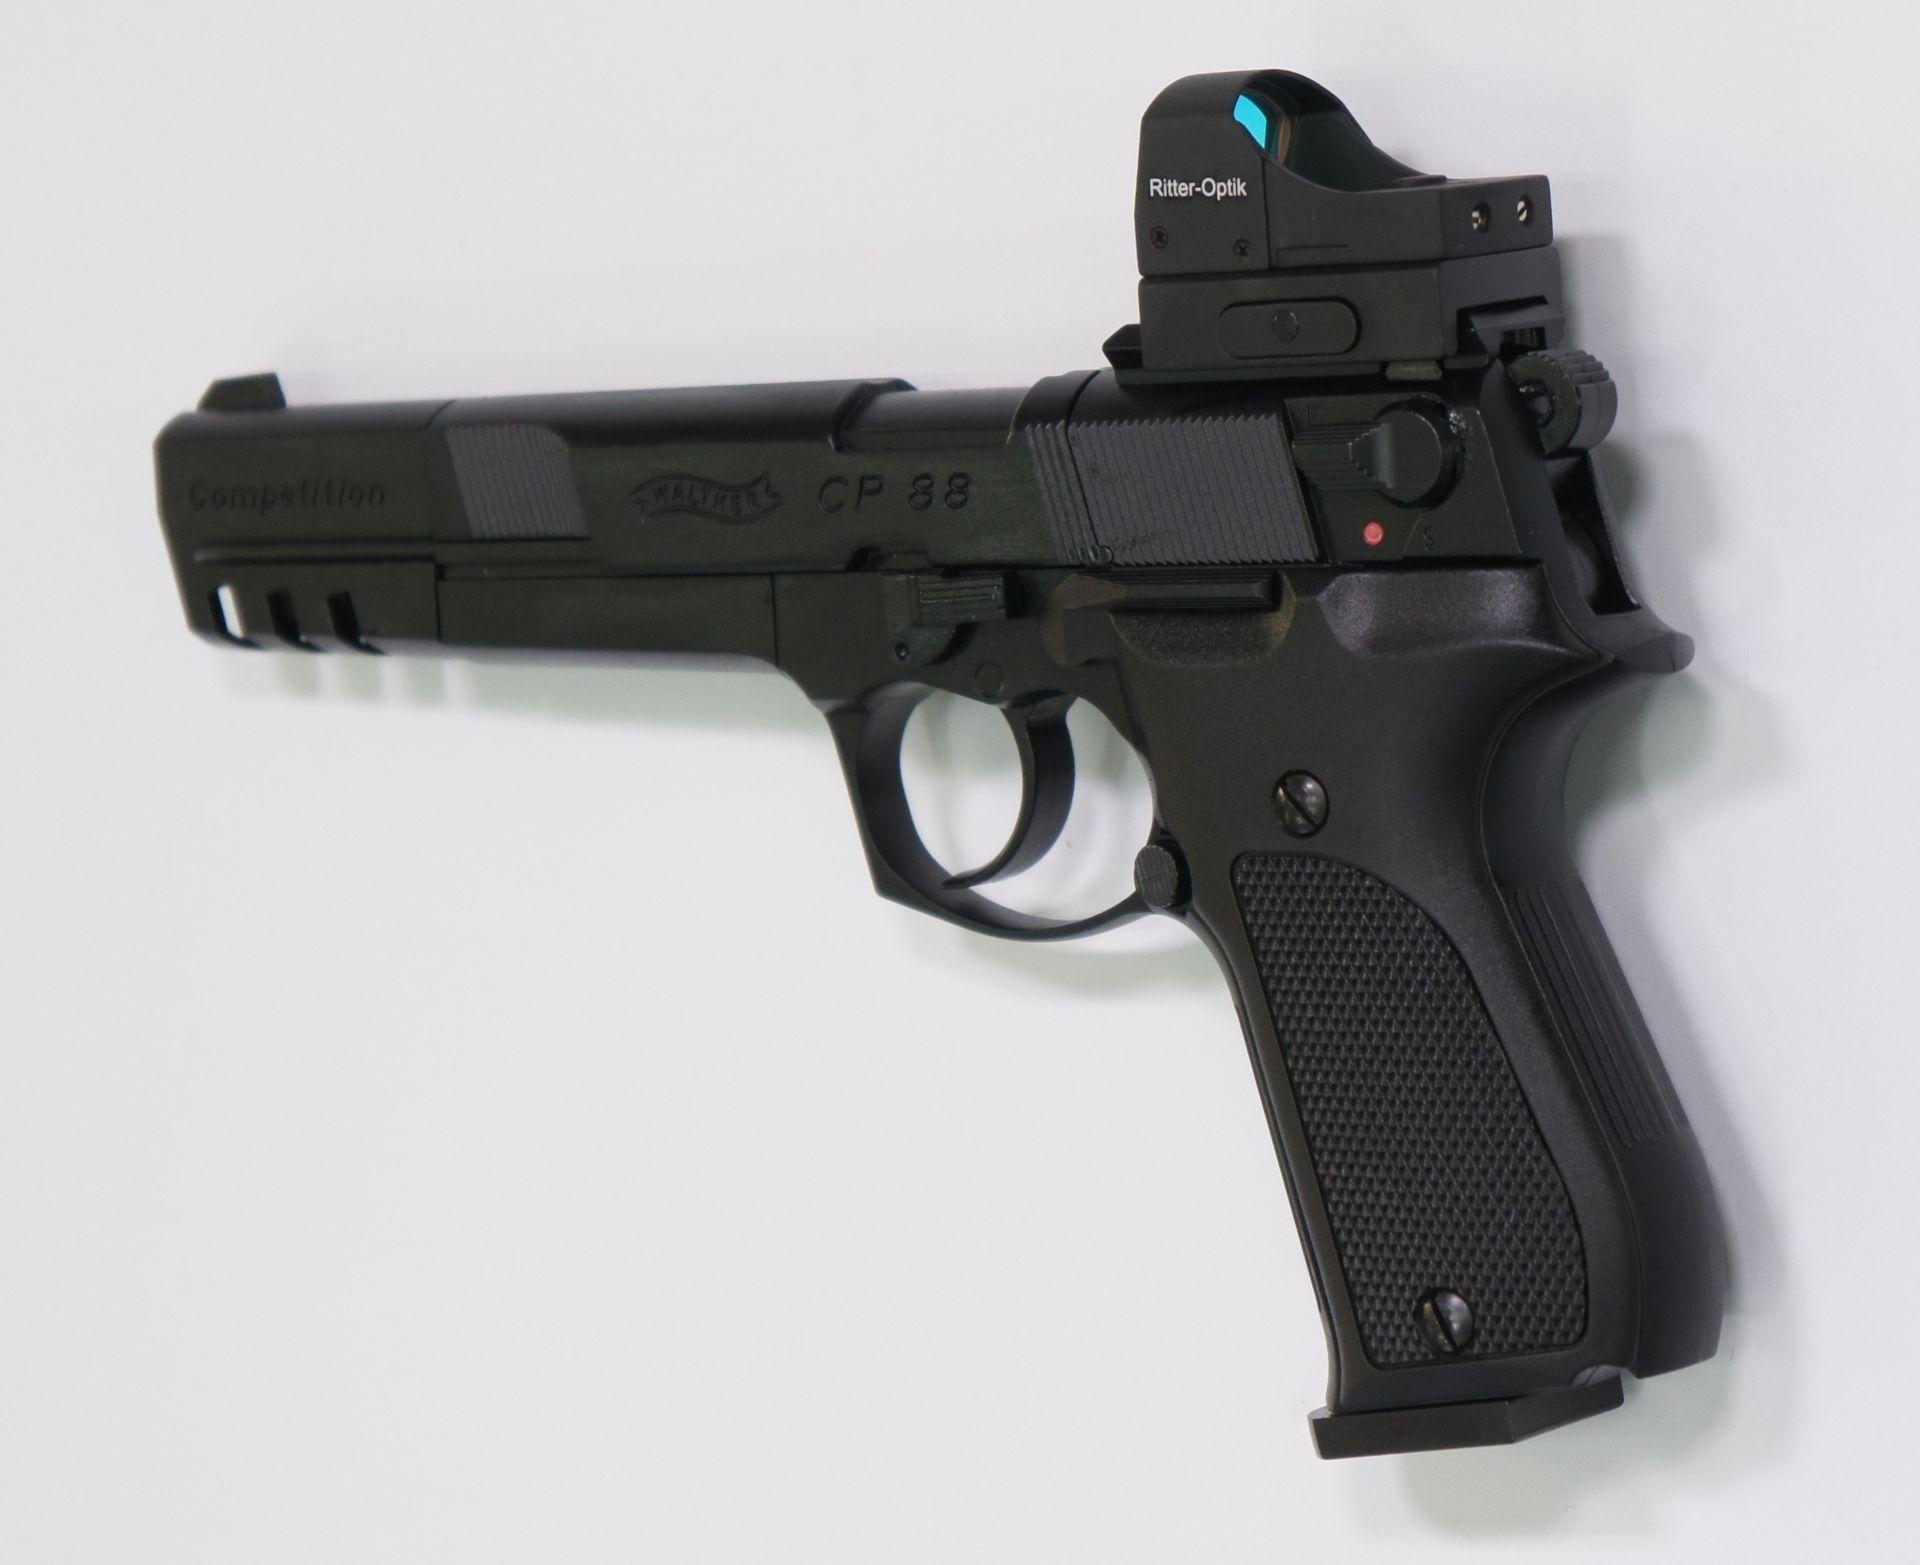 Montagebeispiel der neuen Generation auf   <a href=1050062.htm> CO2 Pistole Walther CP88 Competition, schwarz</a> mit <a href=1130222-21.htm>Reflexvisier Ritter</a>